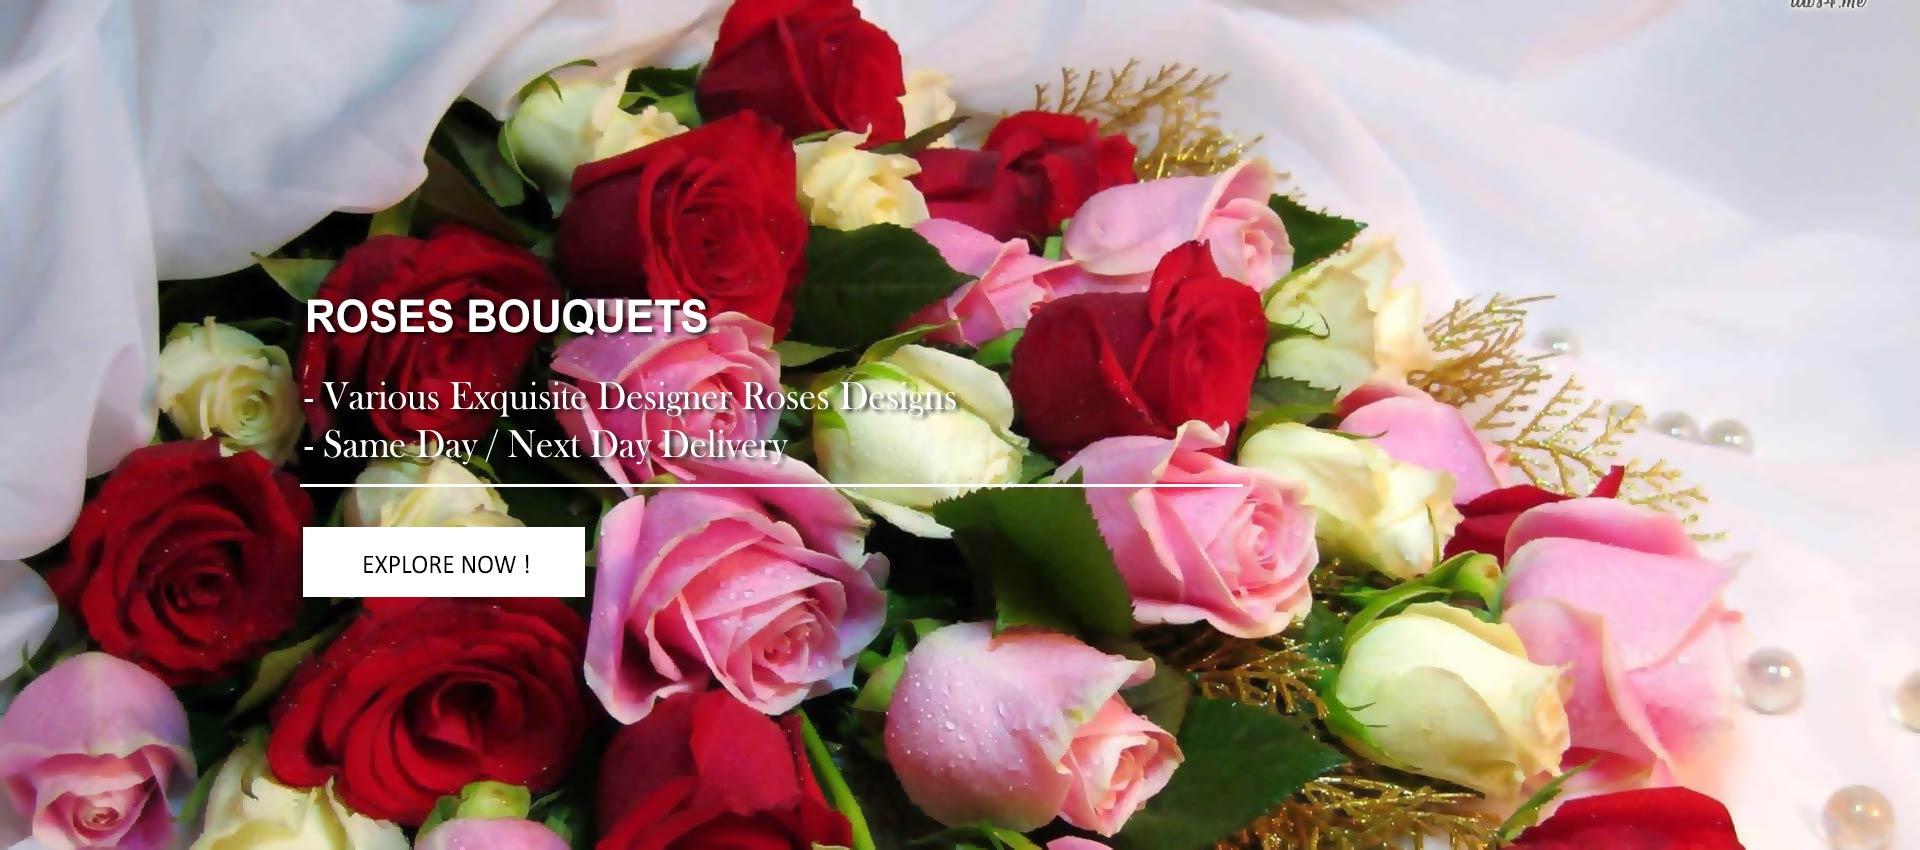 Roses Bouquets & Arrangements | Myflowerflorist